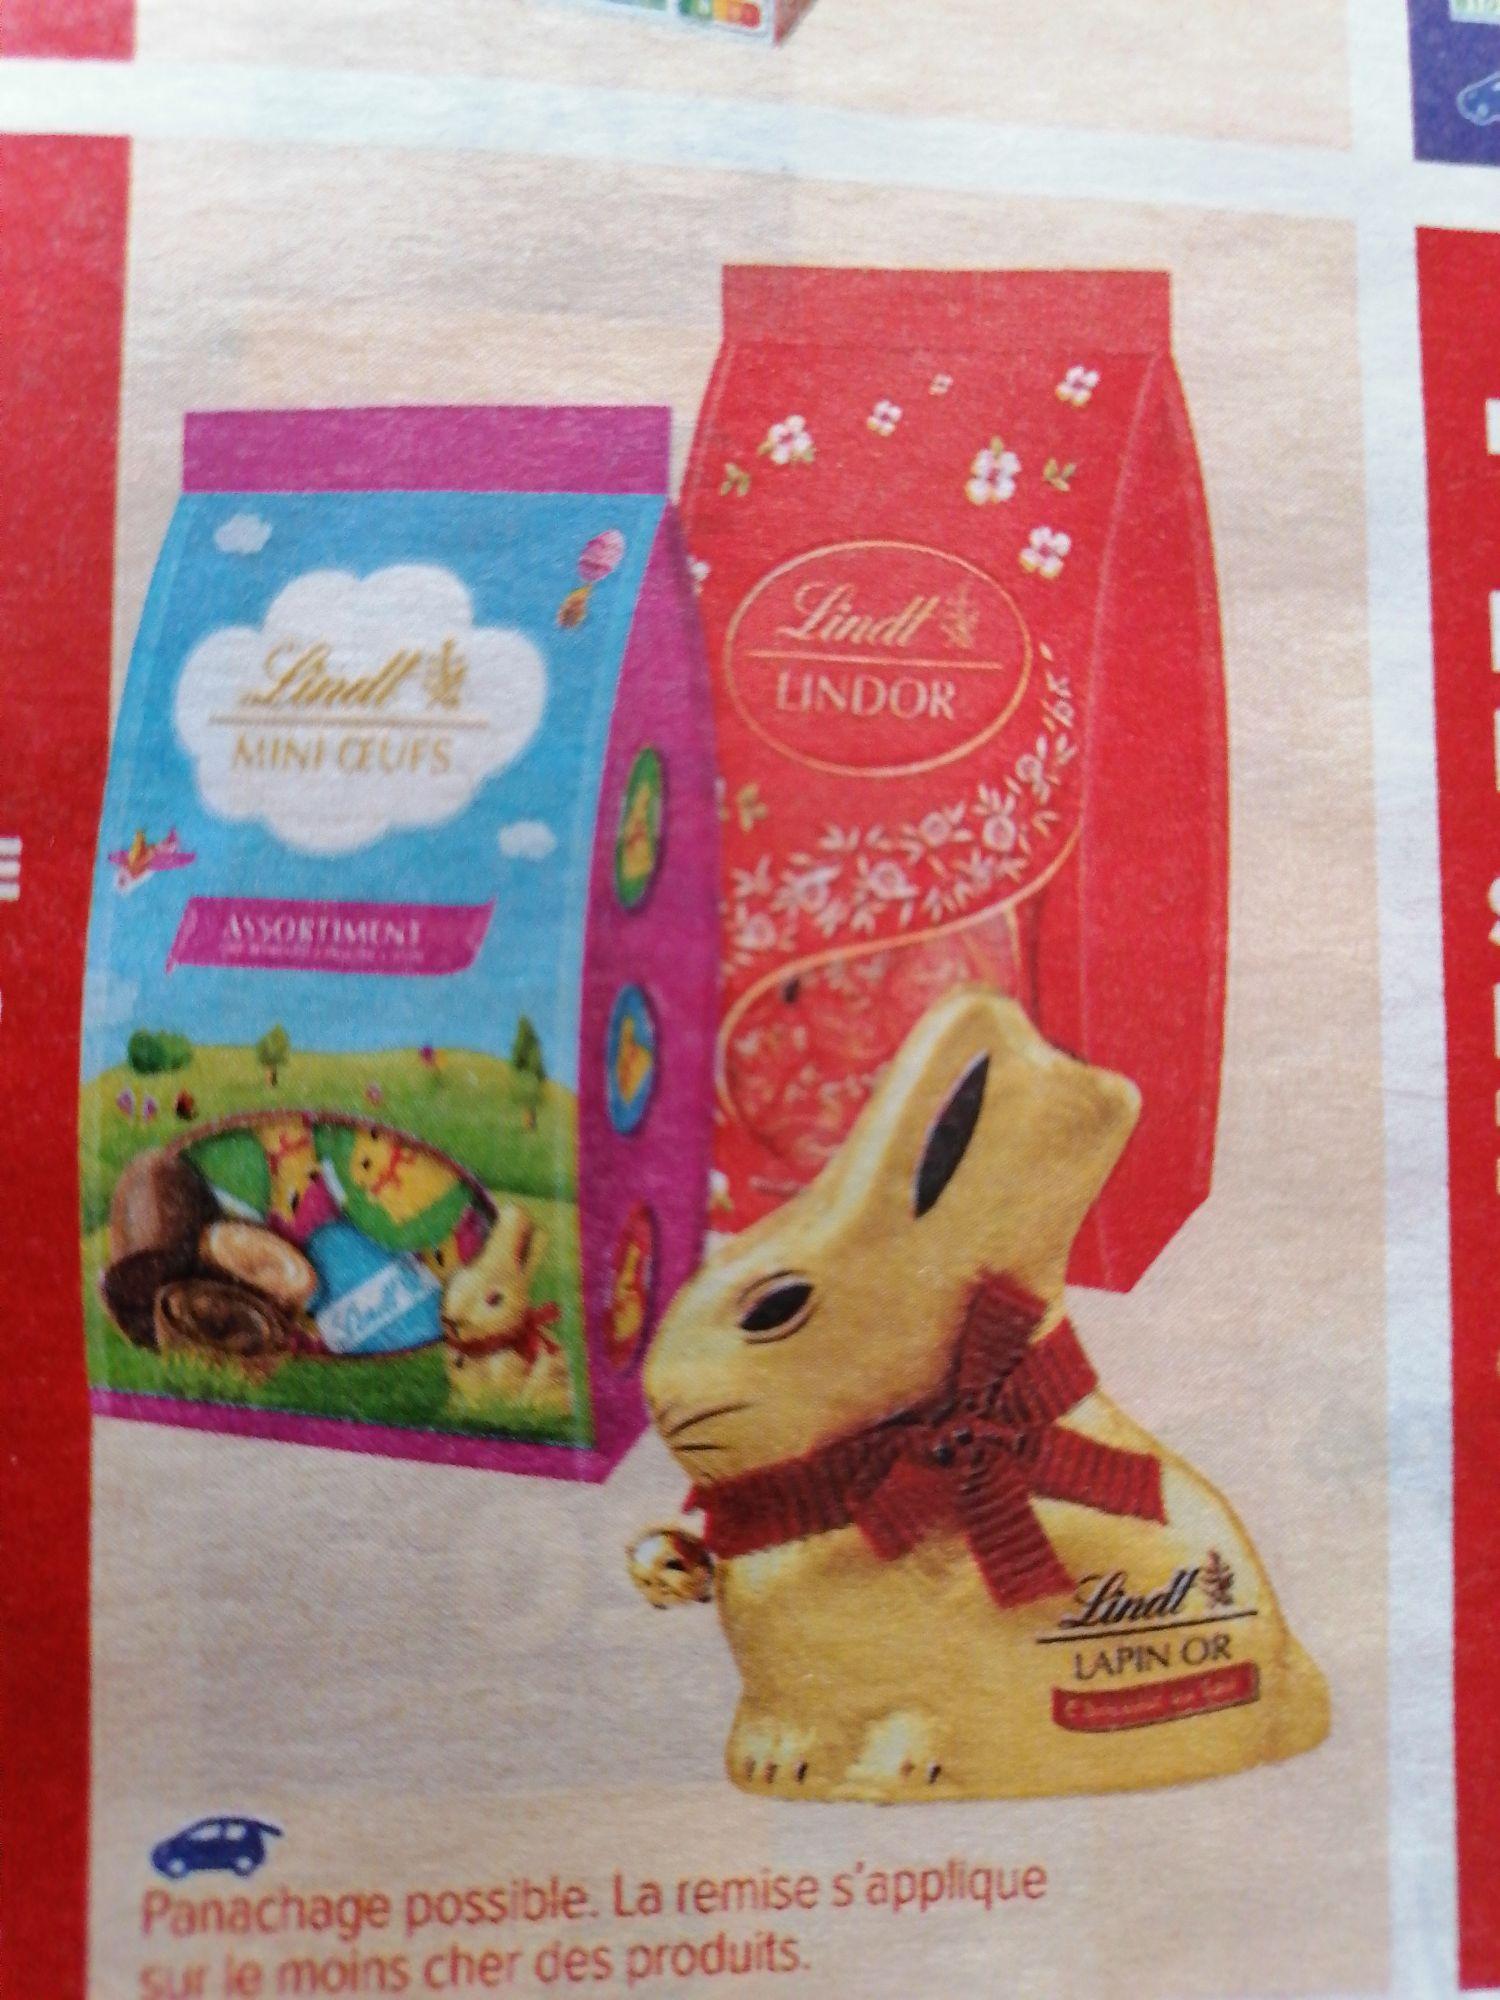 50% de réduction sur le 2nd chocolat de Pâques Lindt